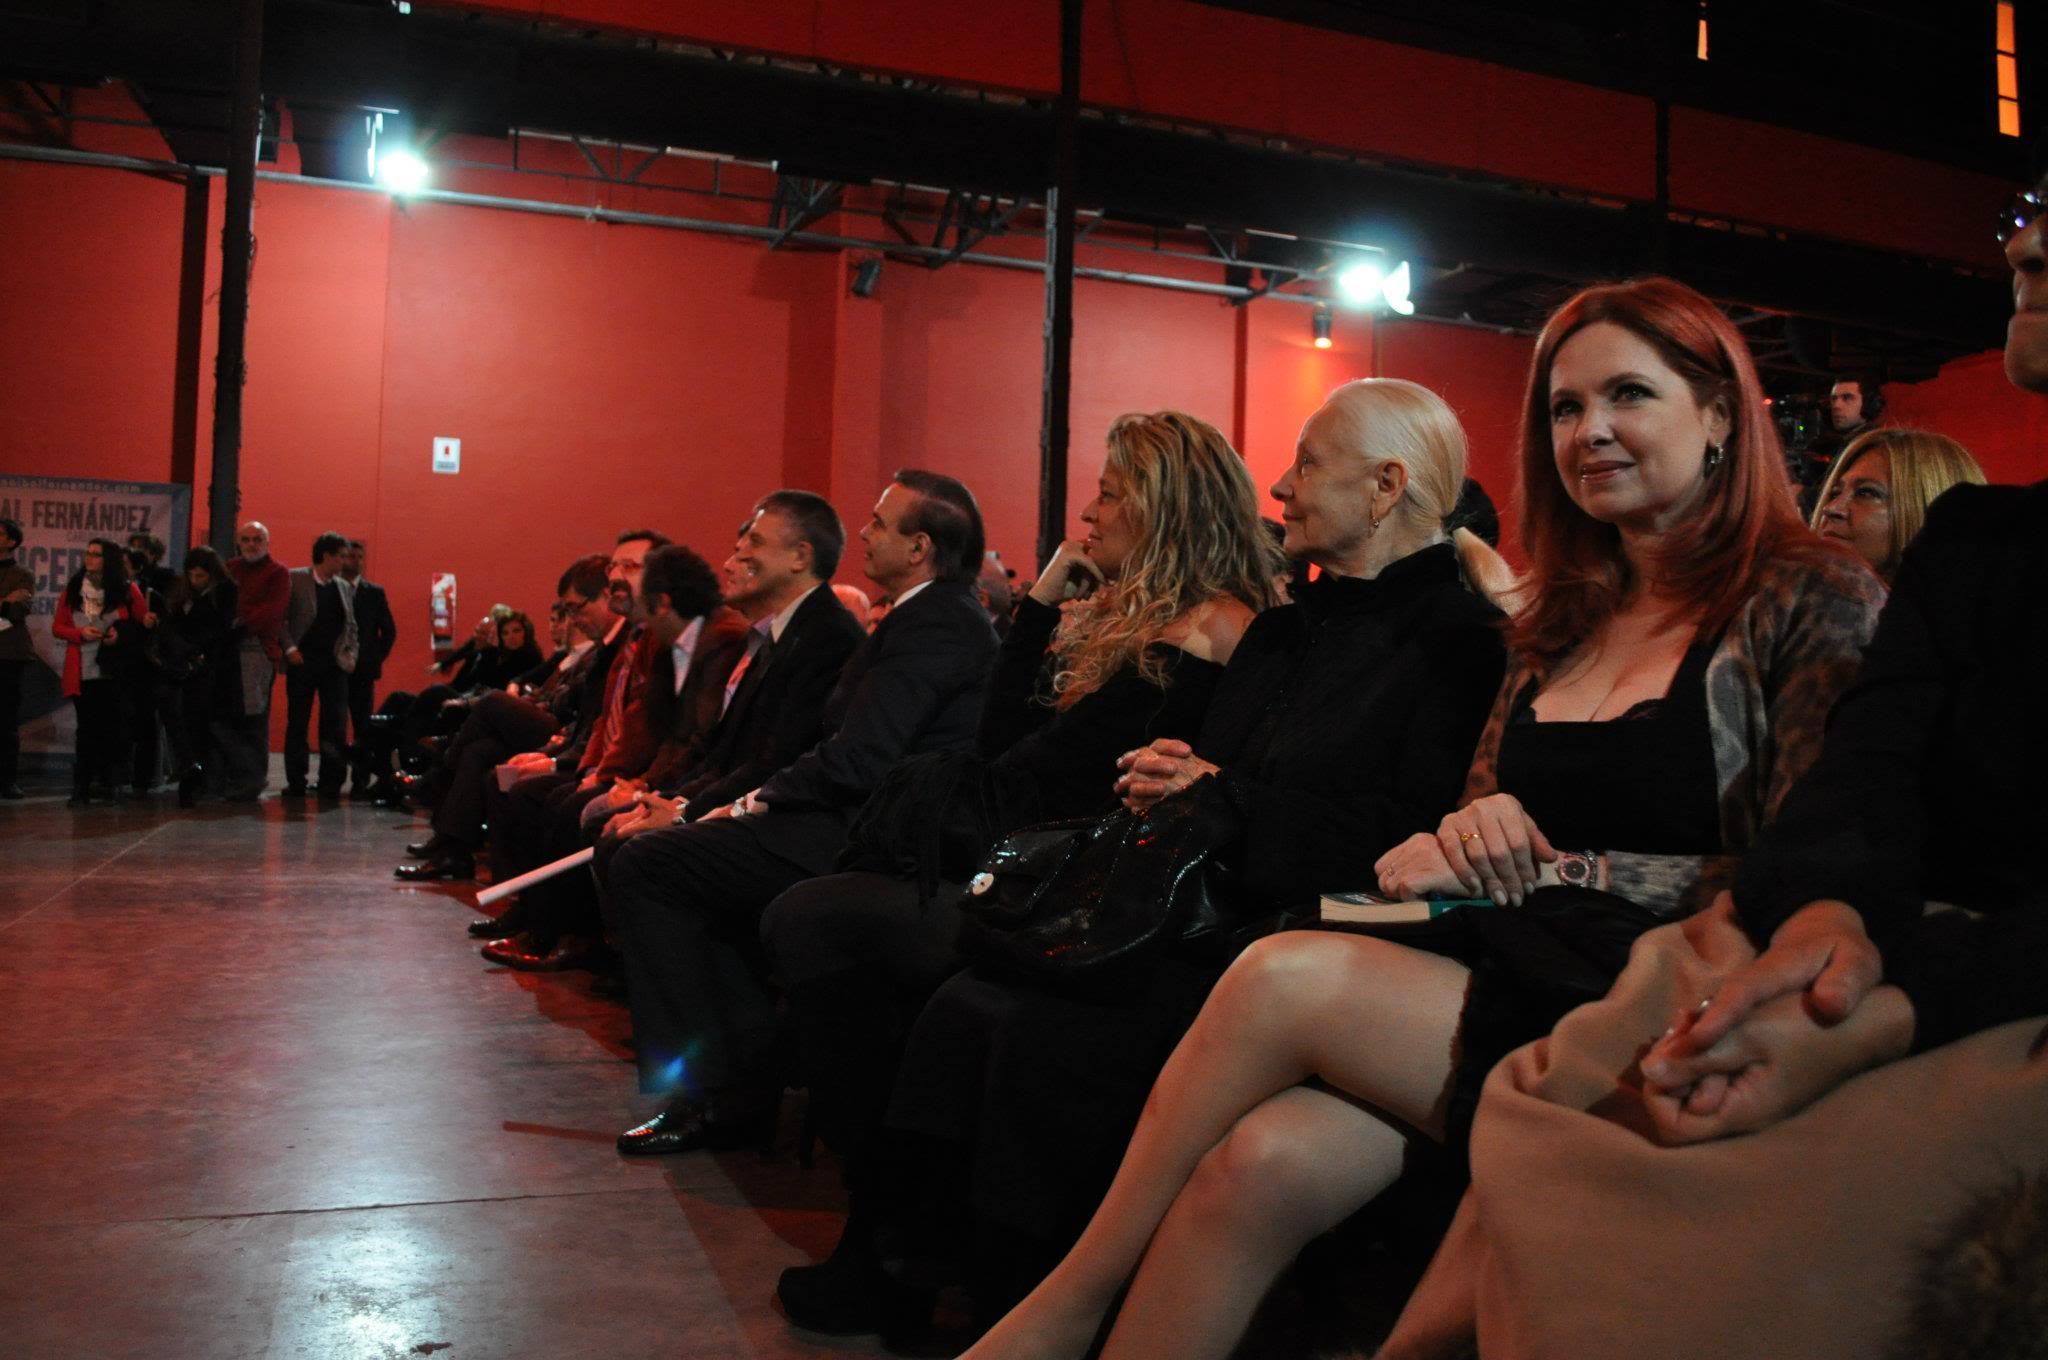 Фотографии и скрины 2012 - Página 2 479291_337111499684907_152726434790082_887155_1519410694_o